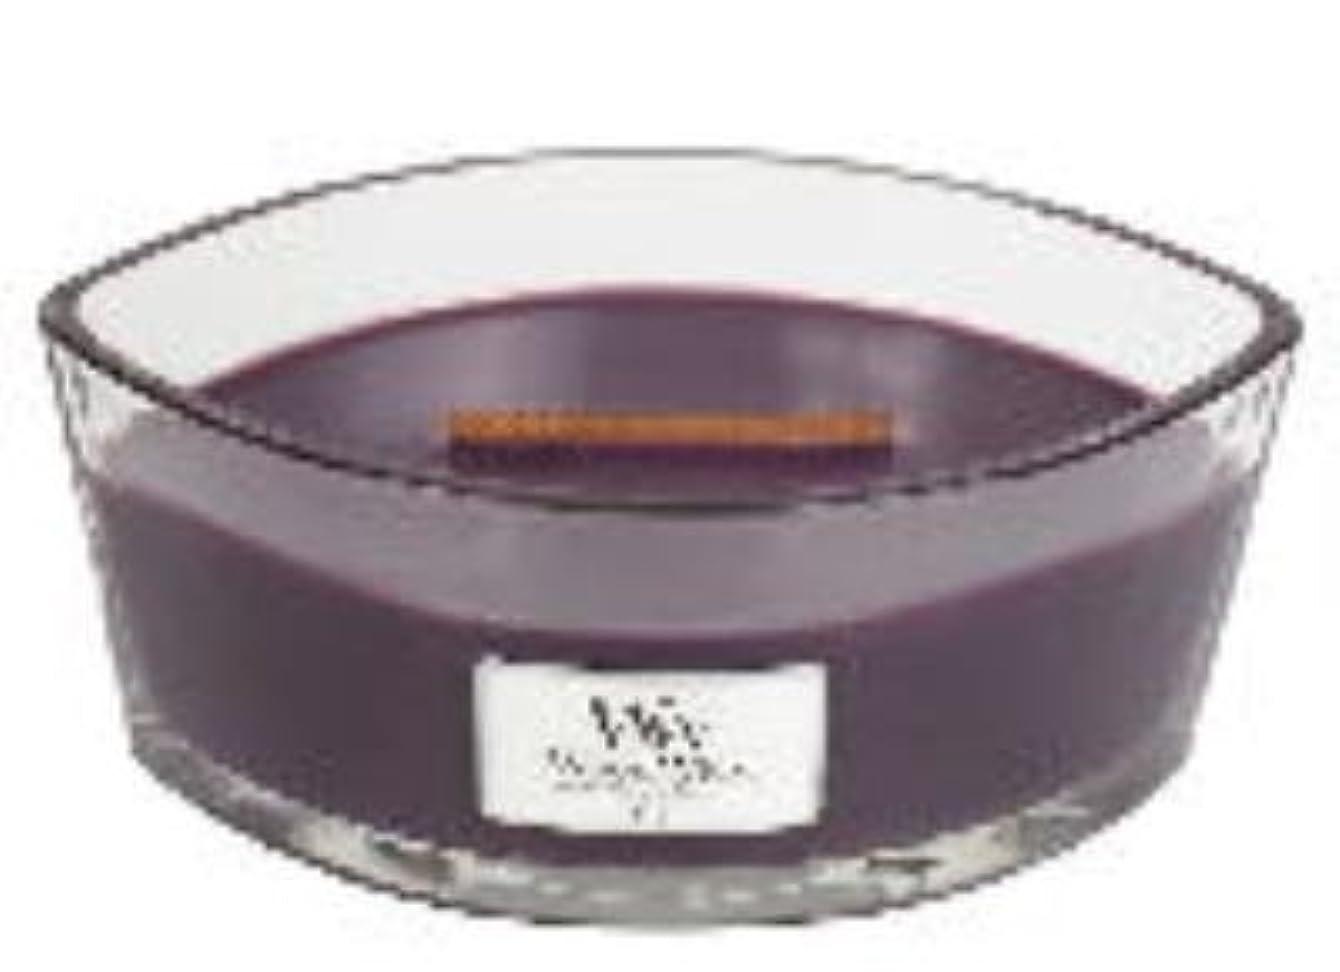 トピックマウントバンク現代のFig Elipse HearthWick Flame Scented Candle by WoodWick